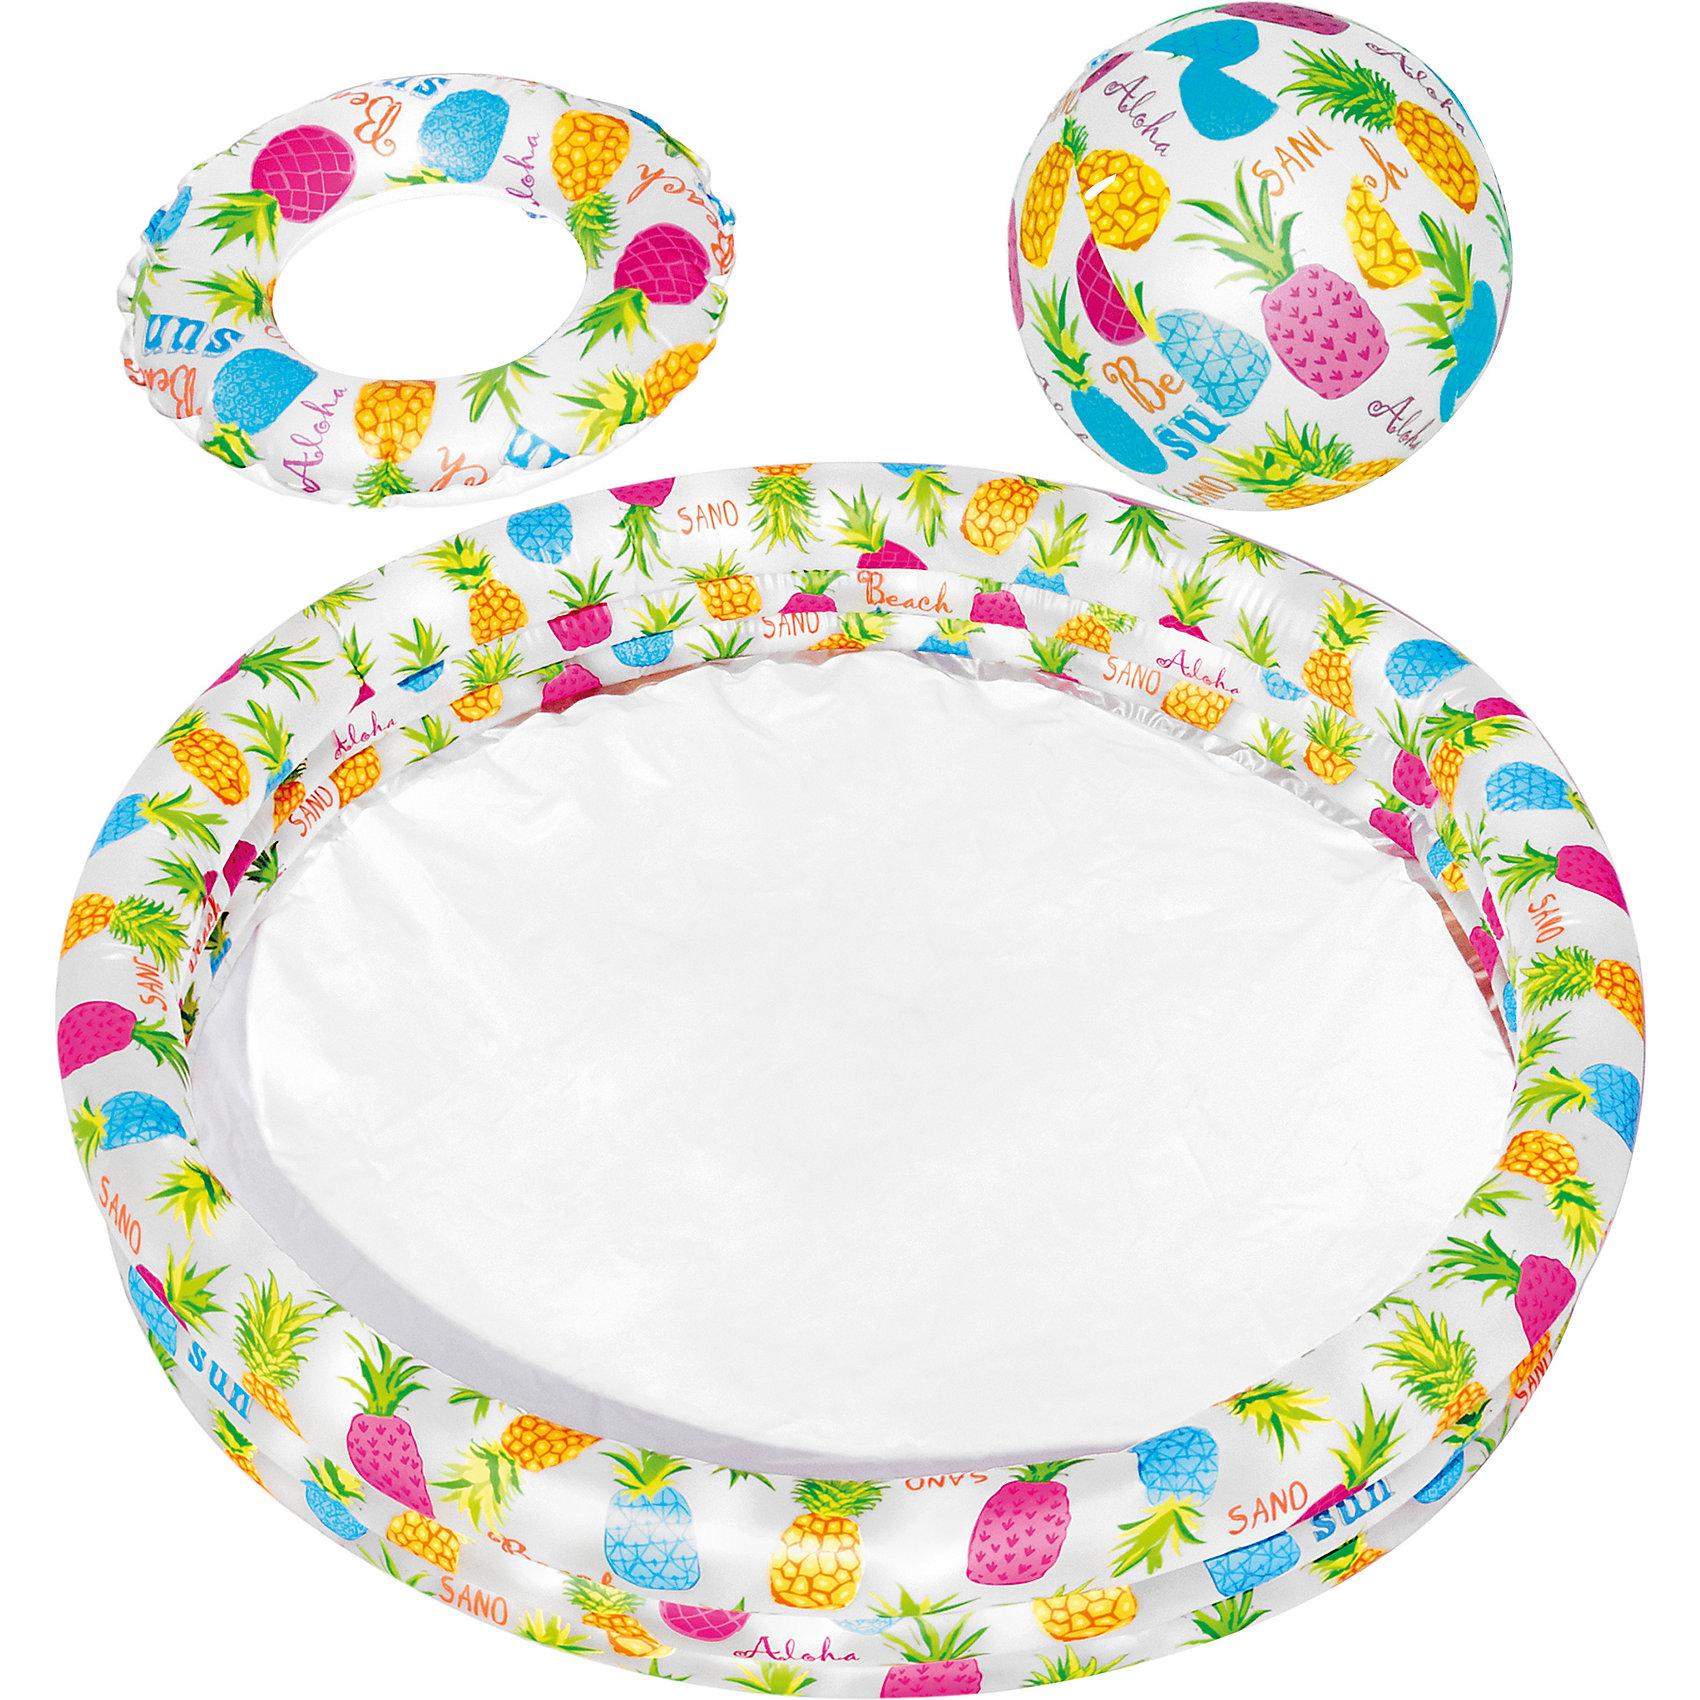 Детский игровой надувной набор с бассейном, IntexБассейны<br>Характеристики тоавара:<br><br>• размер бассейна: 132x28 см<br>• размер круга: 51 см<br>• размер мяча: 51 см<br>• материал: винил<br>• объём (80%): 189 л<br>• вес: 1 кг<br>• толщина материала: 0,2 мм<br>• дно: ненадувное <br><br>Детский игровой надувной набор с бассейном, Intex (Интекс) - отличное решение для организации детского отдыха на природе.<br><br>Надувной бассейн состоит из трех надувных воздушных камер, которые надуваются независимо друг от друга. <br><br>Для удобства на дне детского надувного бассейна расположен клапан для спуска воды.<br><br>Детский надувной бассейн Intex благодаря наличию полупрозрачных стенок с изображениями морских обитателей создает атмосферу настоящего аквариума.<br><br>В комплекте: <br><br>• бассейн, мяч, <br>• плавательный круг, <br>• ремкомплект<br><br>Детский игровой надувной набор с бассейном, Intex (Интекс) можно купить в нашем интернет-магазине.<br><br>Ширина мм: 304<br>Глубина мм: 274<br>Высота мм: 63<br>Вес г: 1119<br>Возраст от месяцев: 36<br>Возраст до месяцев: 1164<br>Пол: Унисекс<br>Возраст: Детский<br>SKU: 1788113